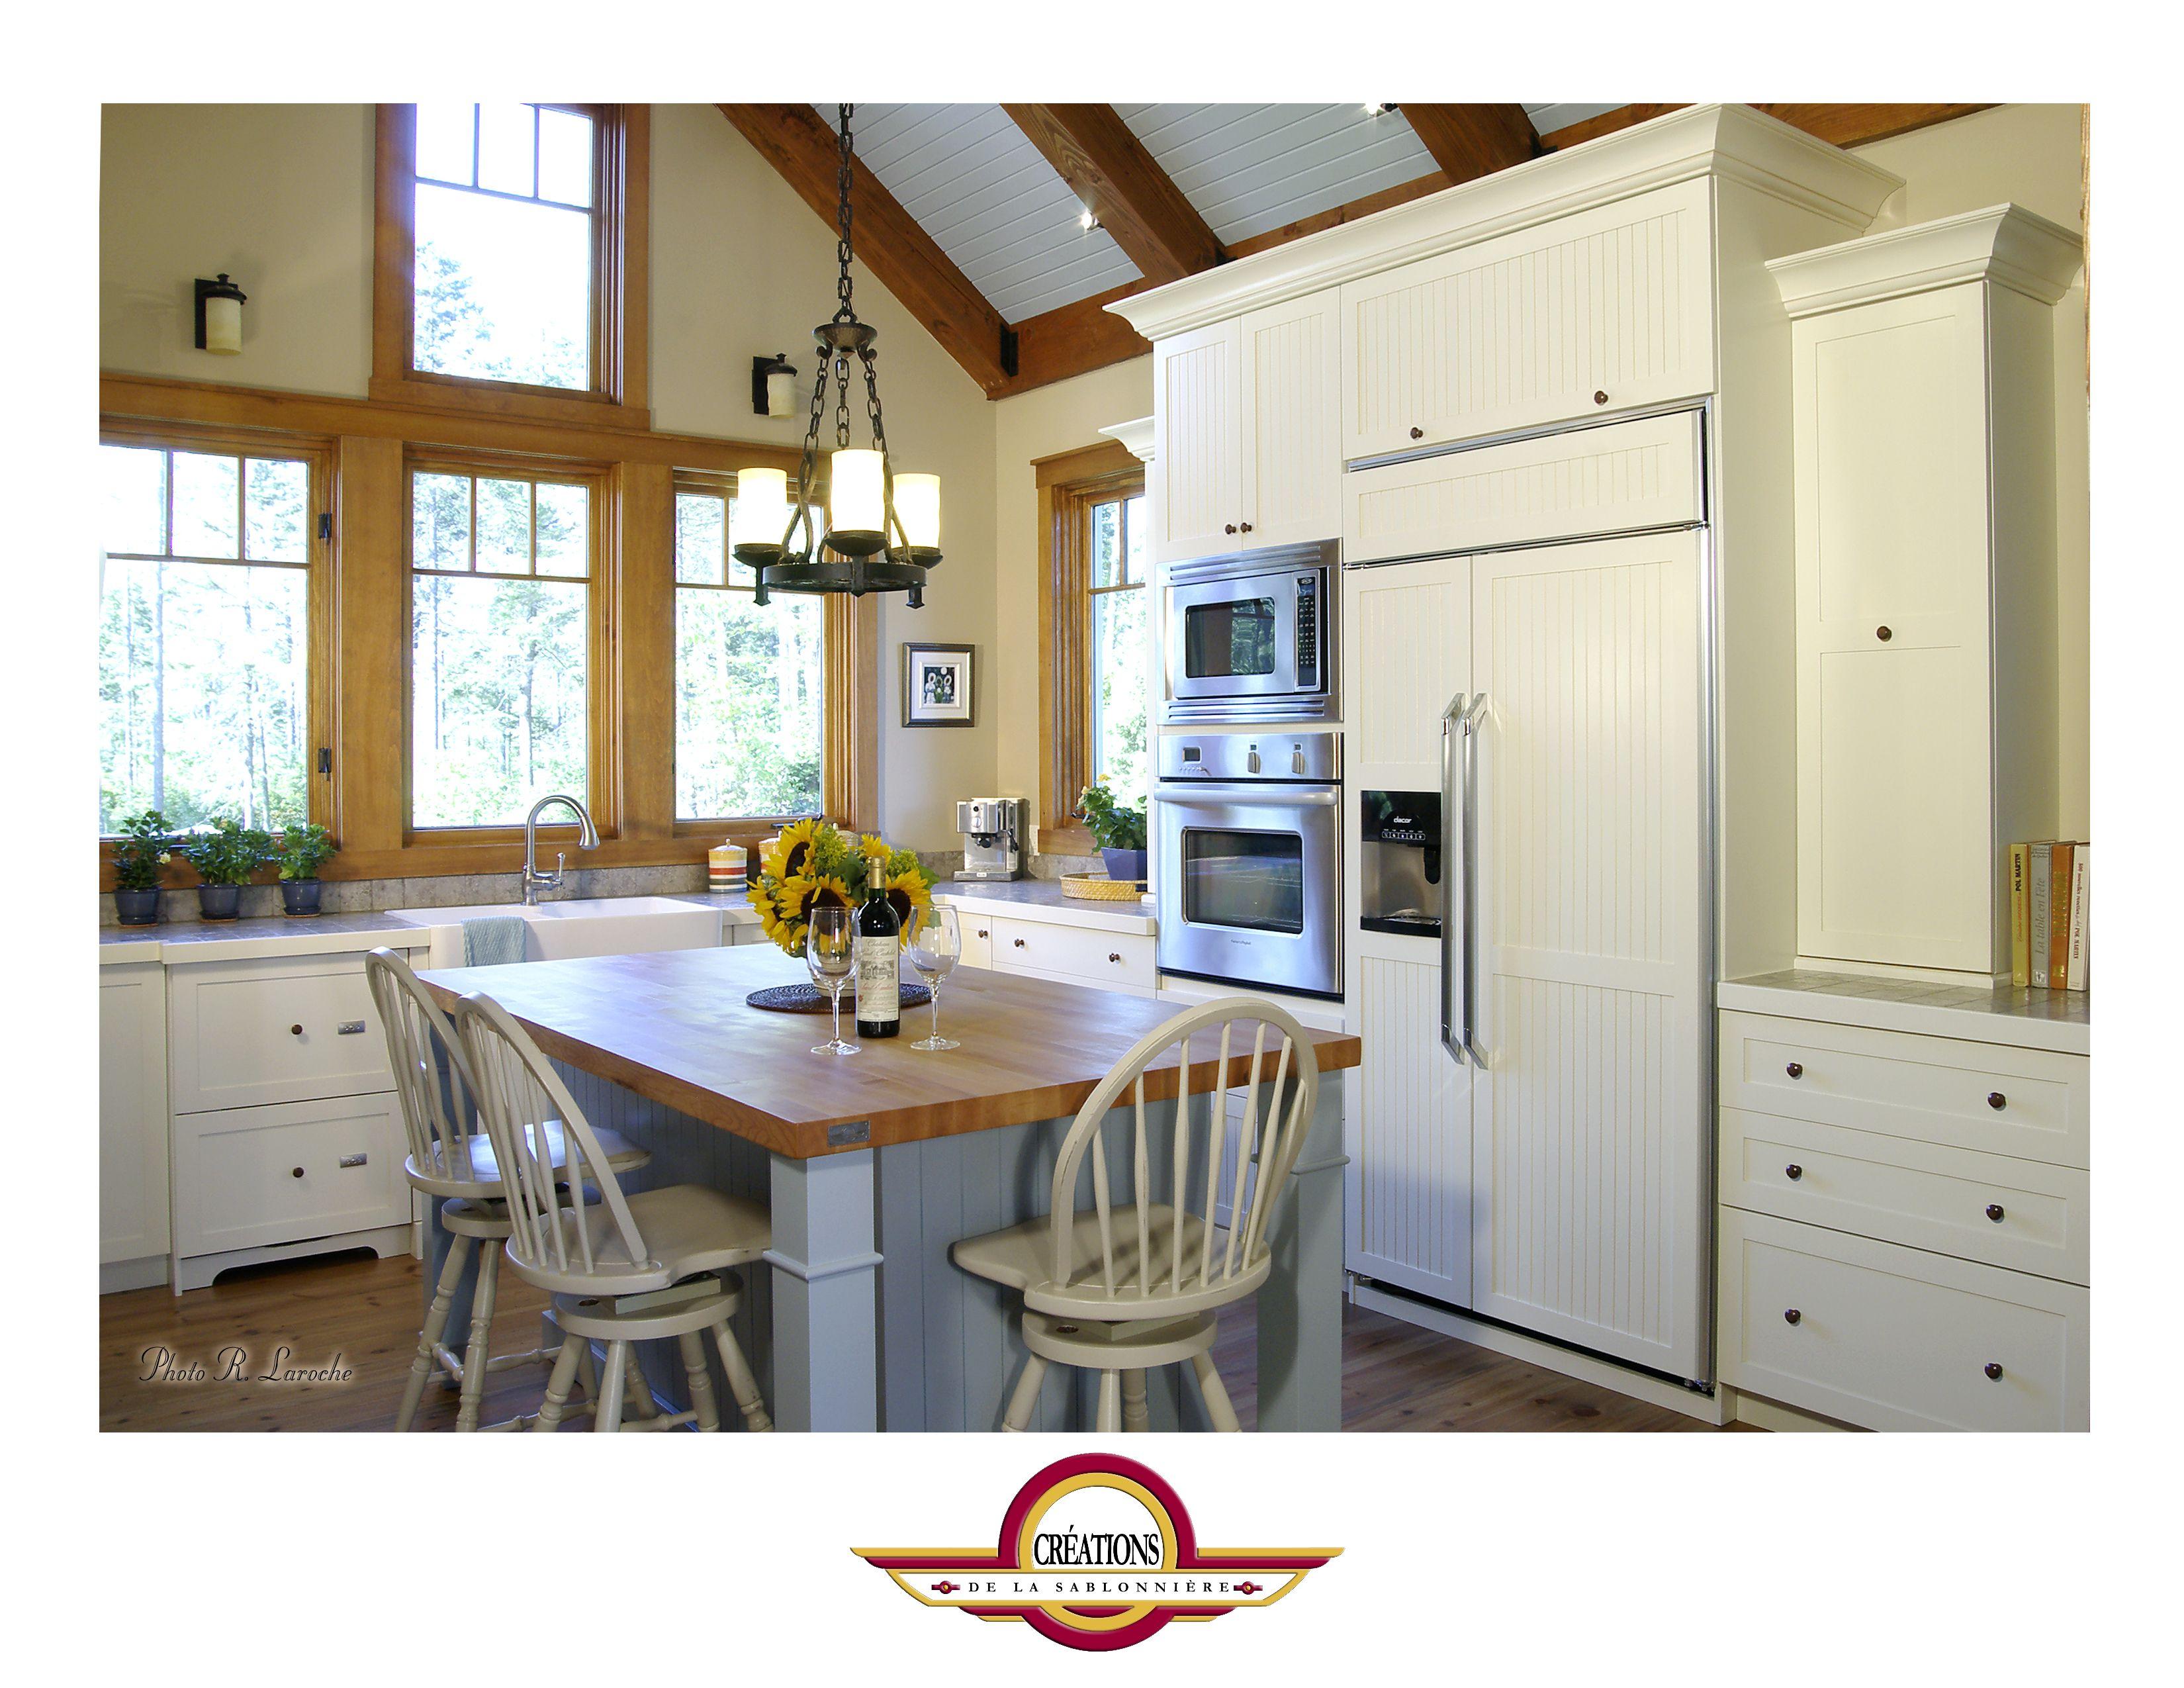 Armoire de cuisine de style campagnard d\'un blanc crème avec un ...